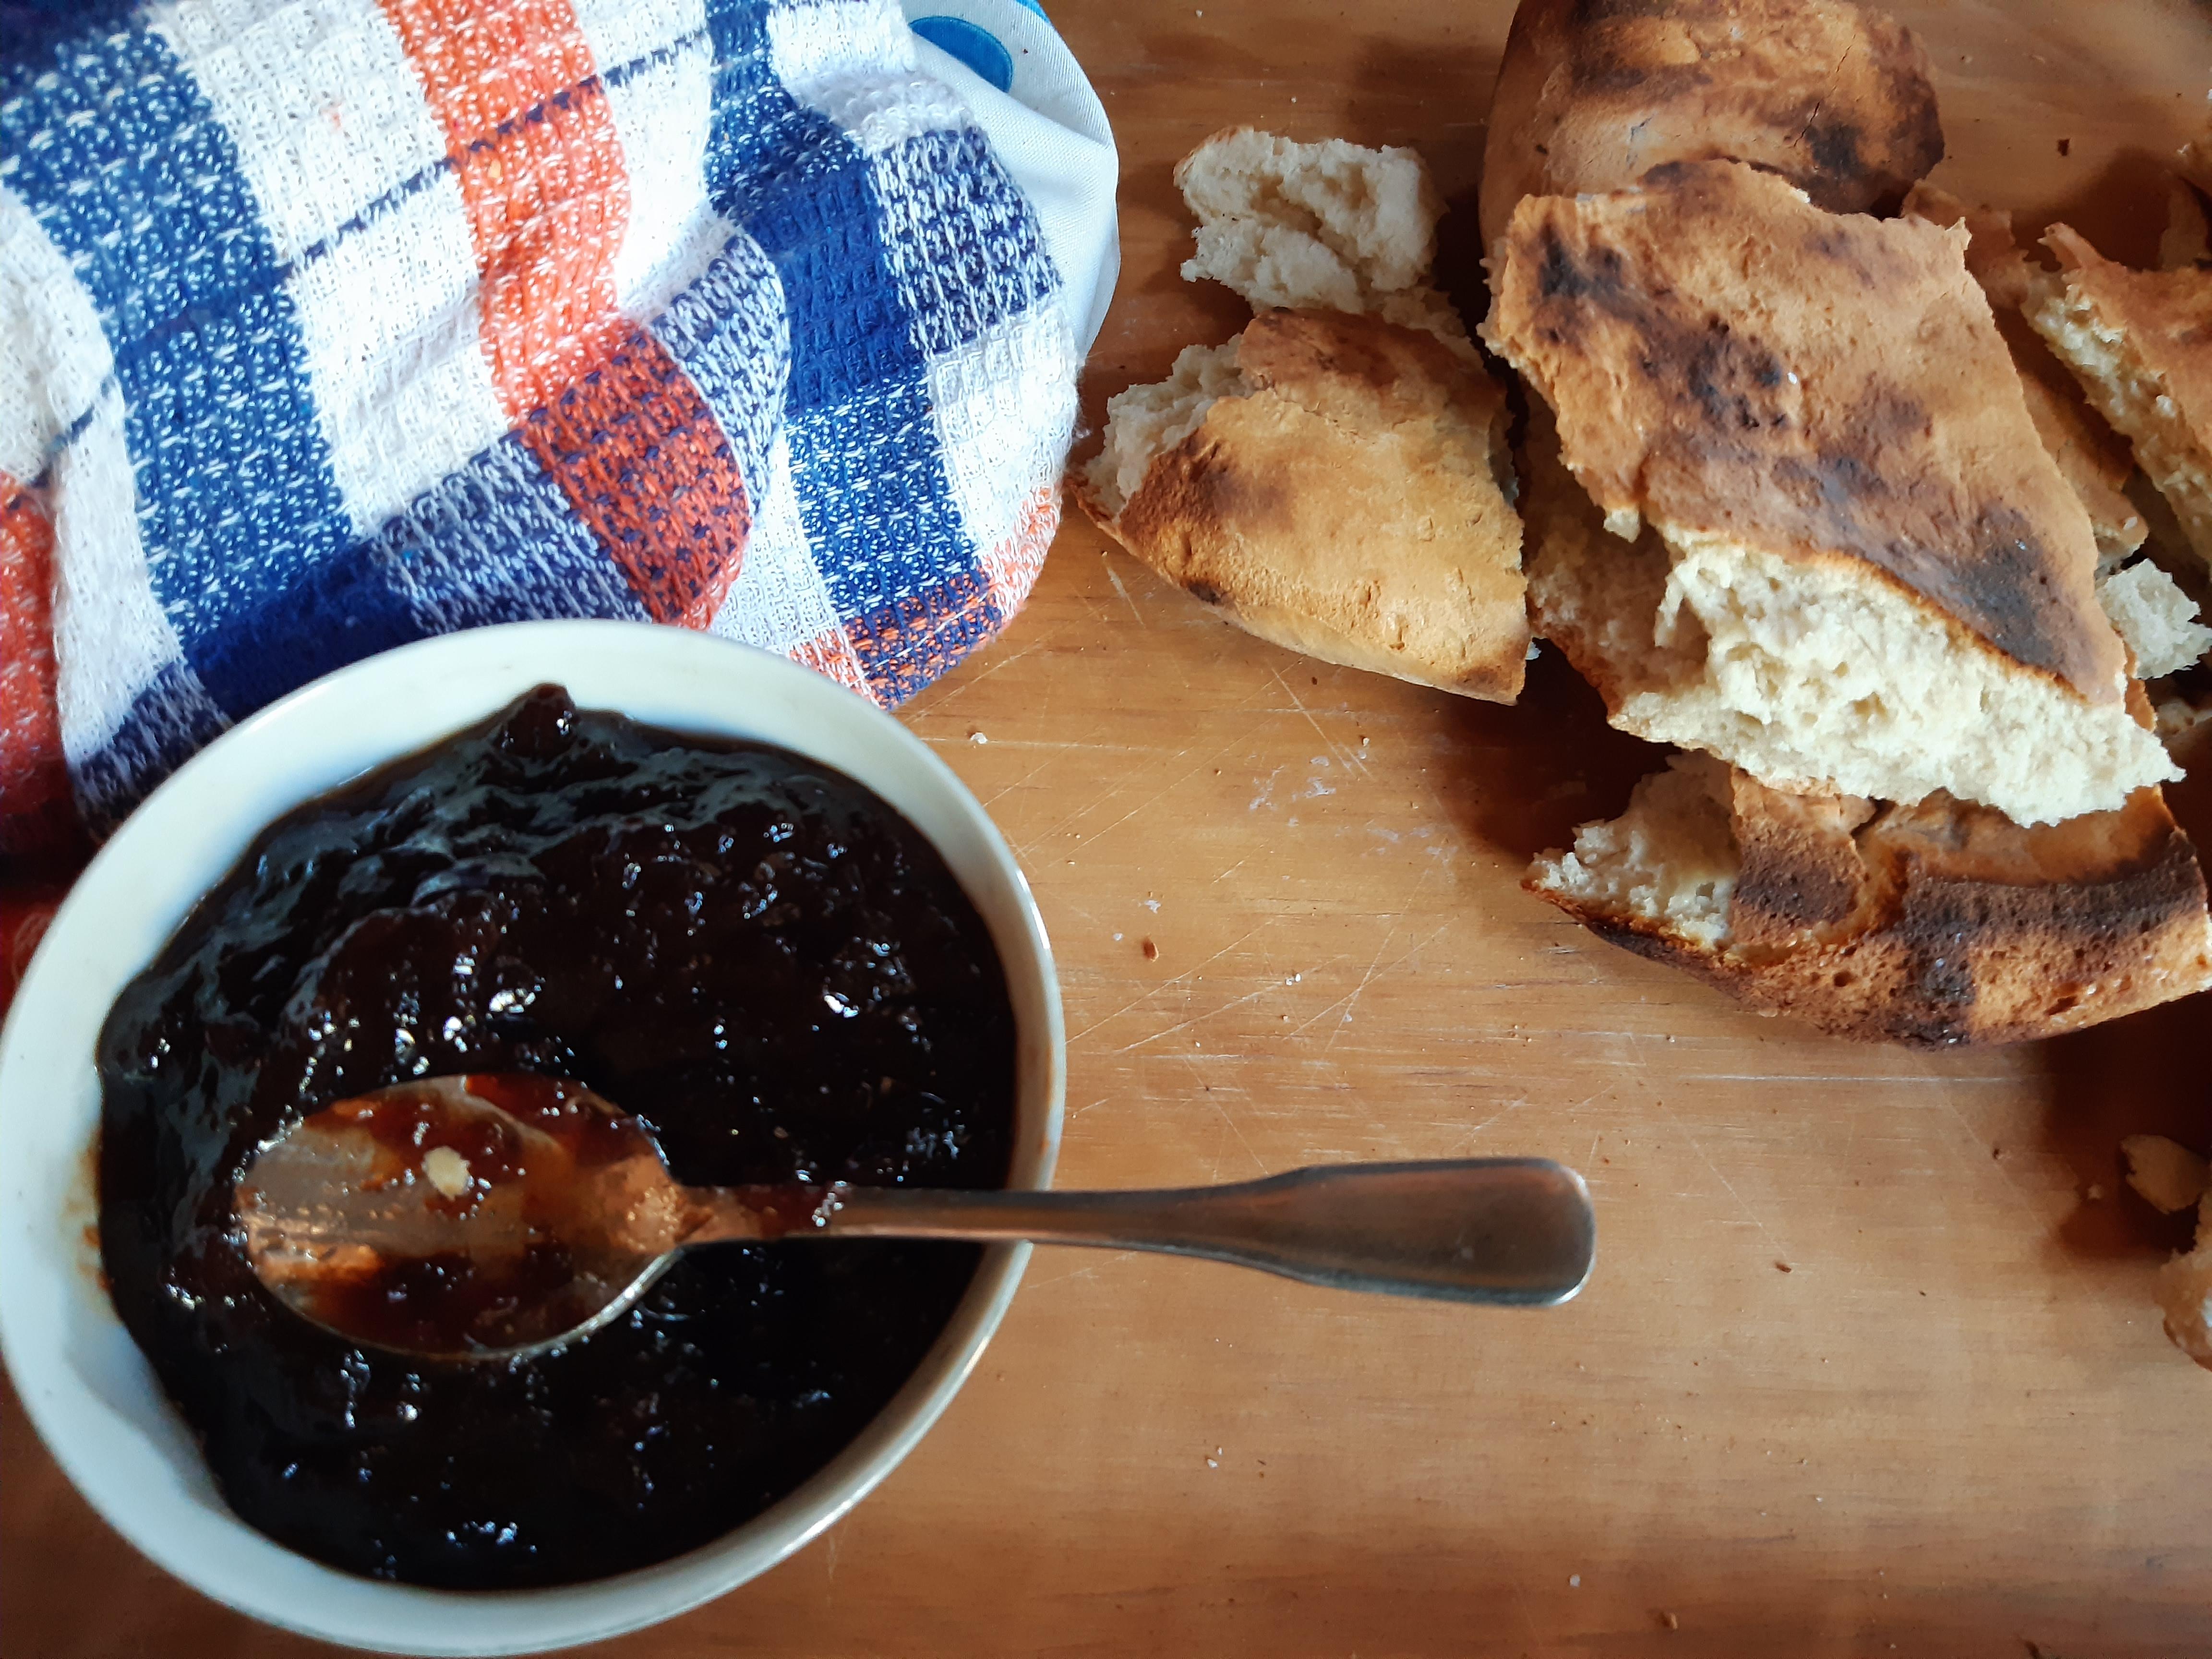 Acolhimento: pão típico e geléia servidos na ruca, habitação primitiva dos mapuches